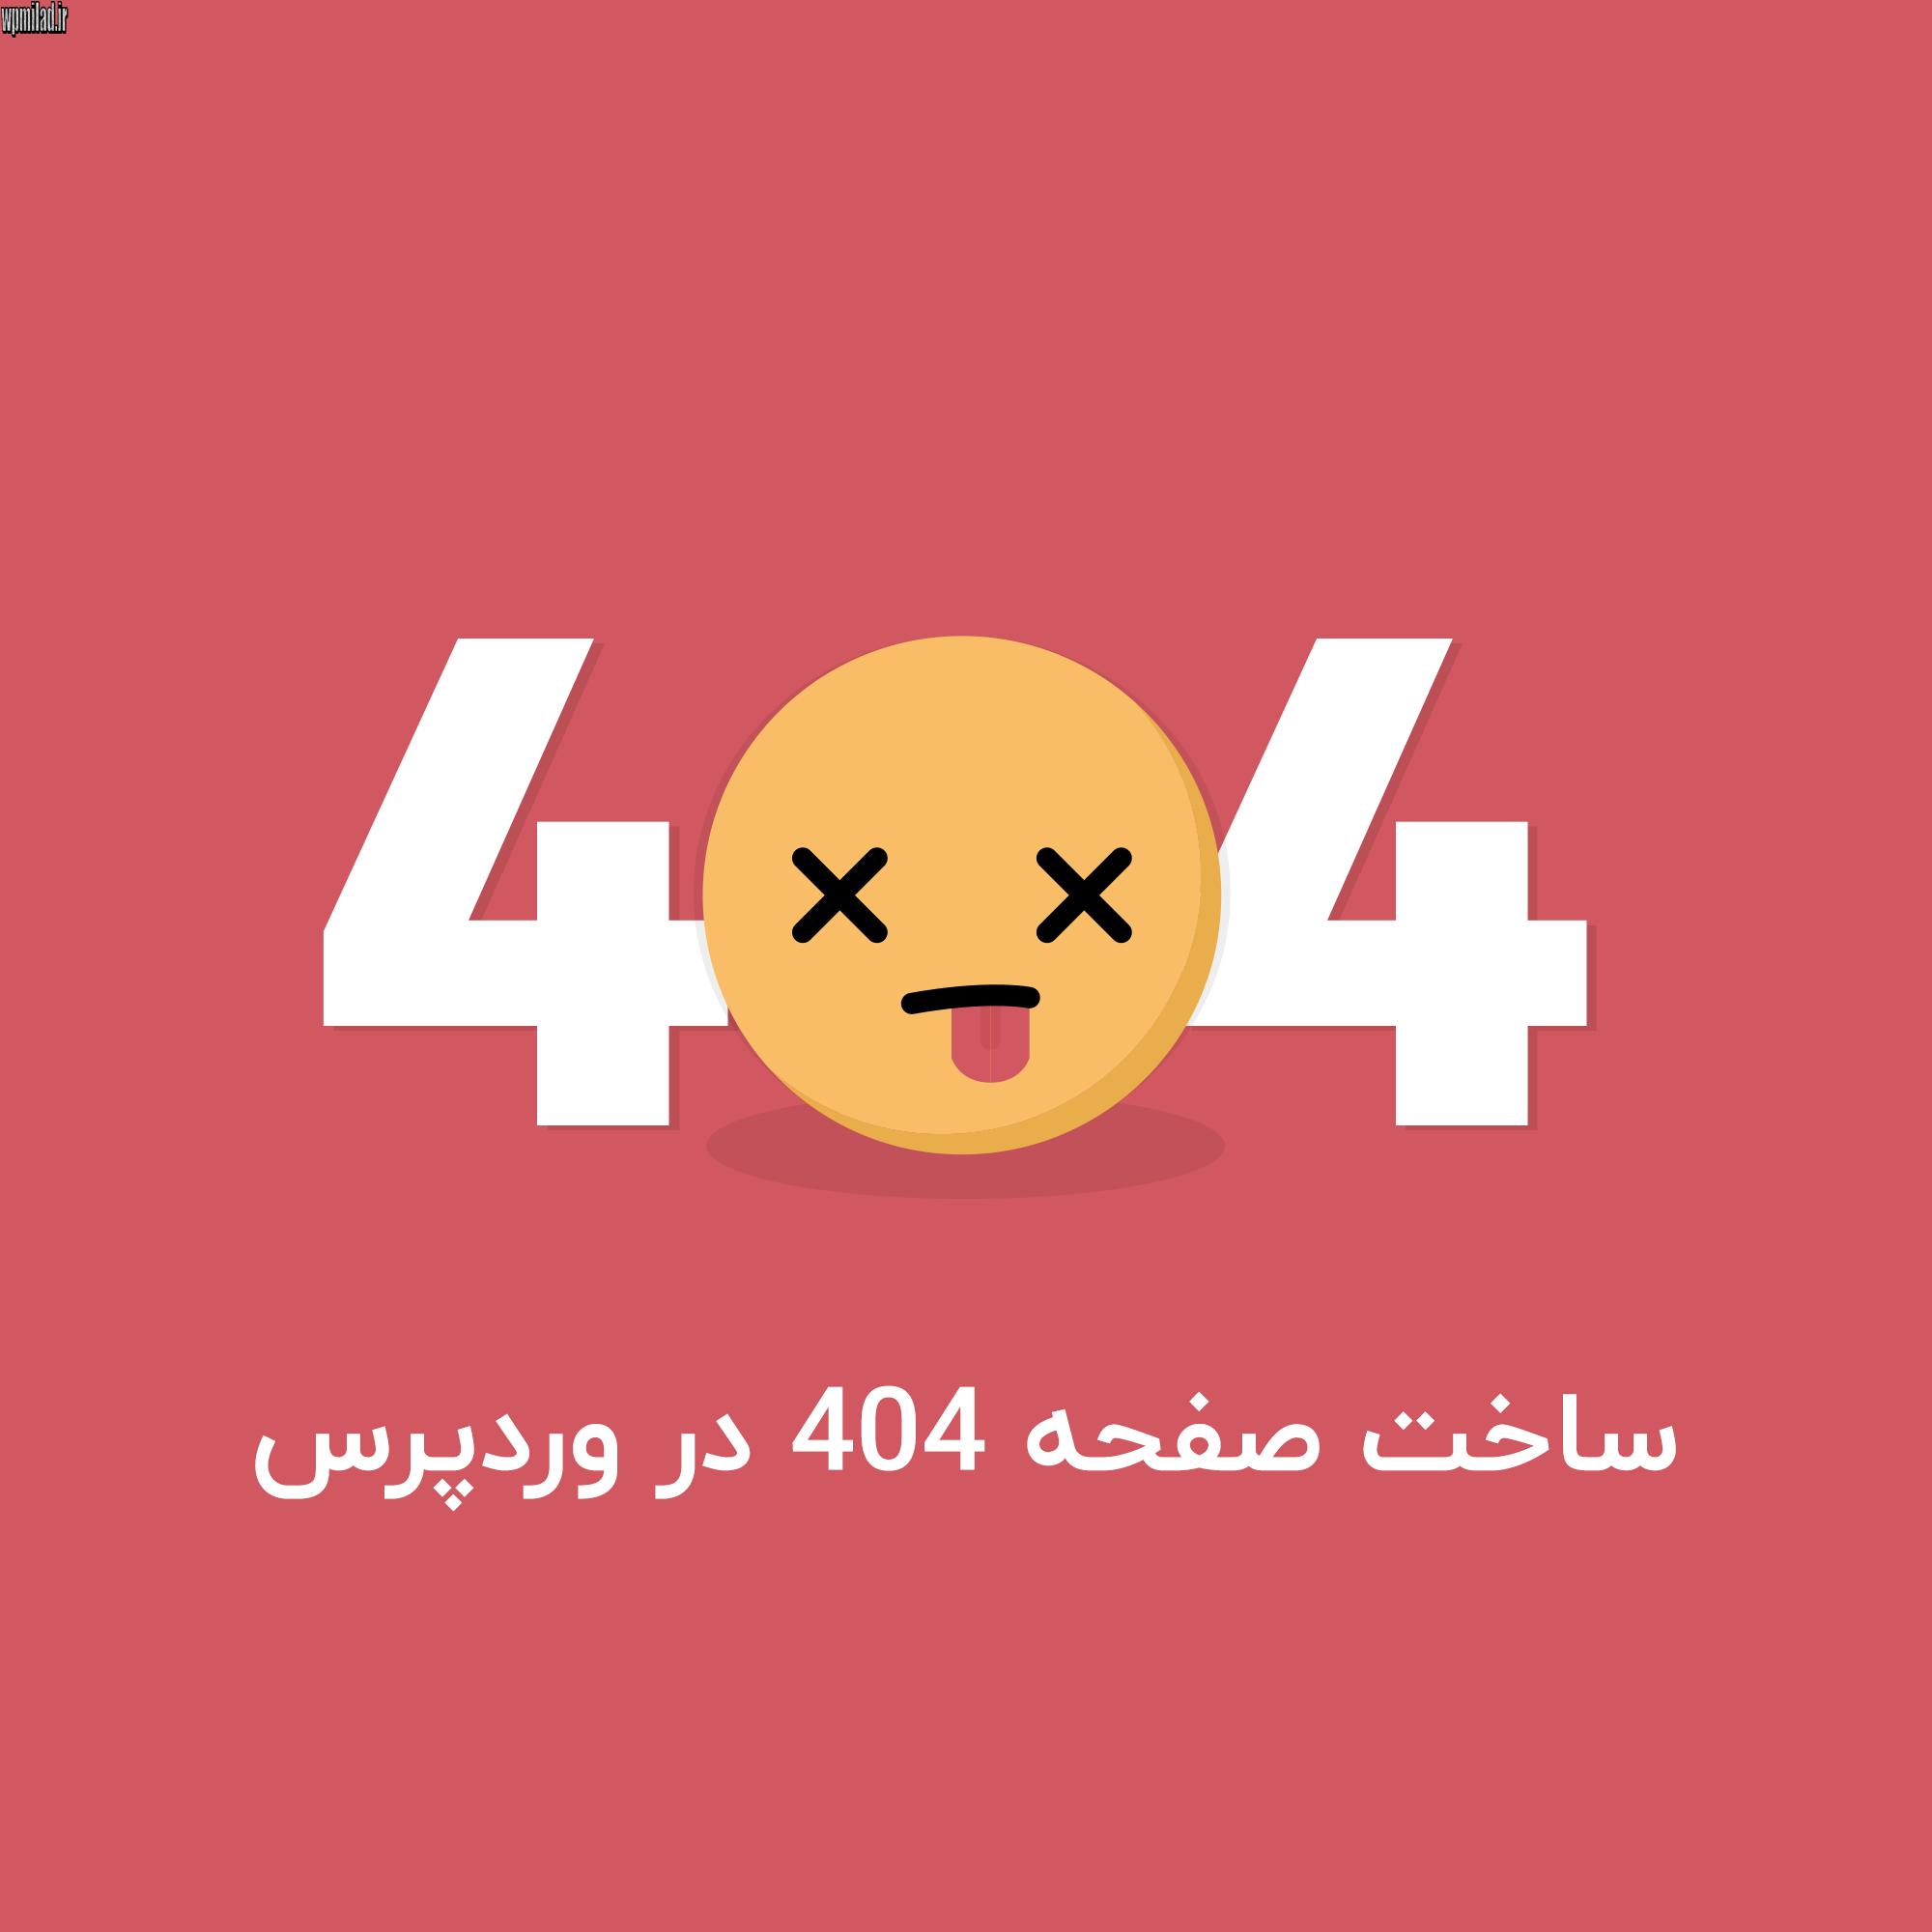 ساخت صفحه 404 وردپرس